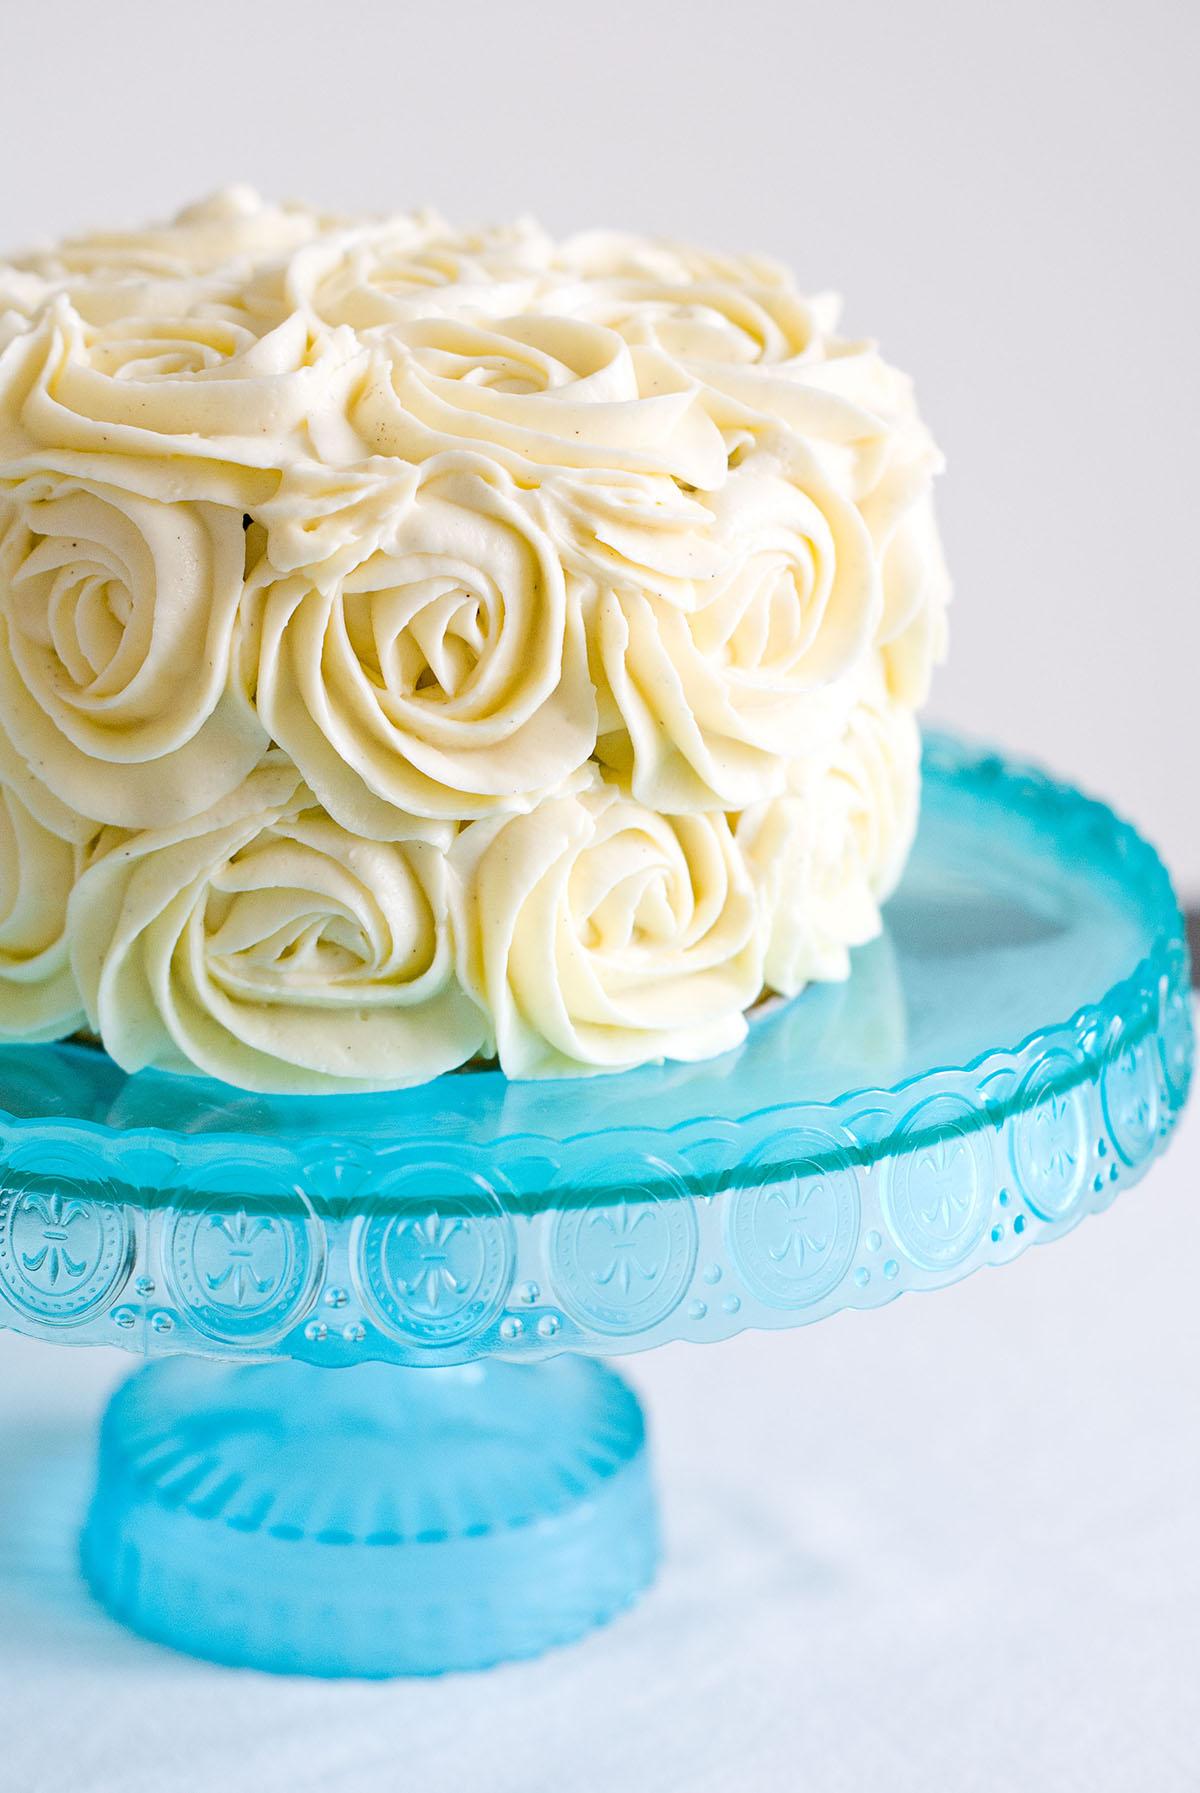 Faire des roses en deco sans crème au beurre Triple-layer-rose-cake-chocolat-vanille-2